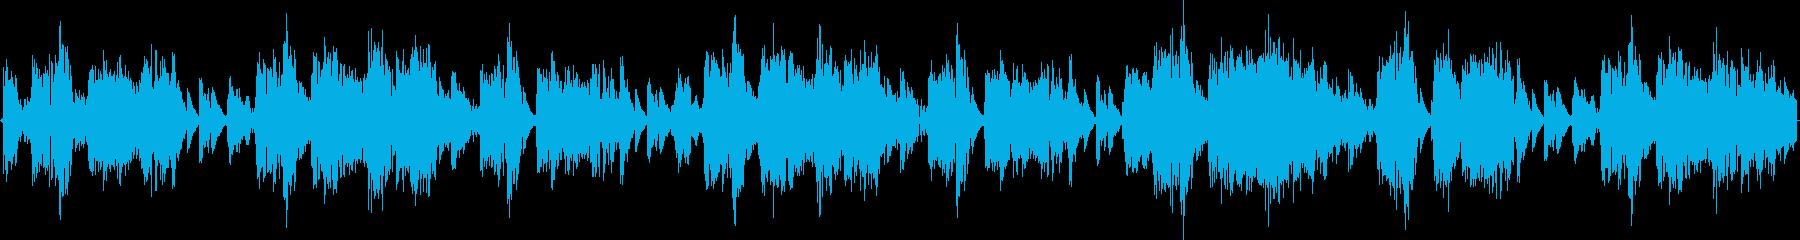 RPGで使えるブレークサウンドです。の再生済みの波形